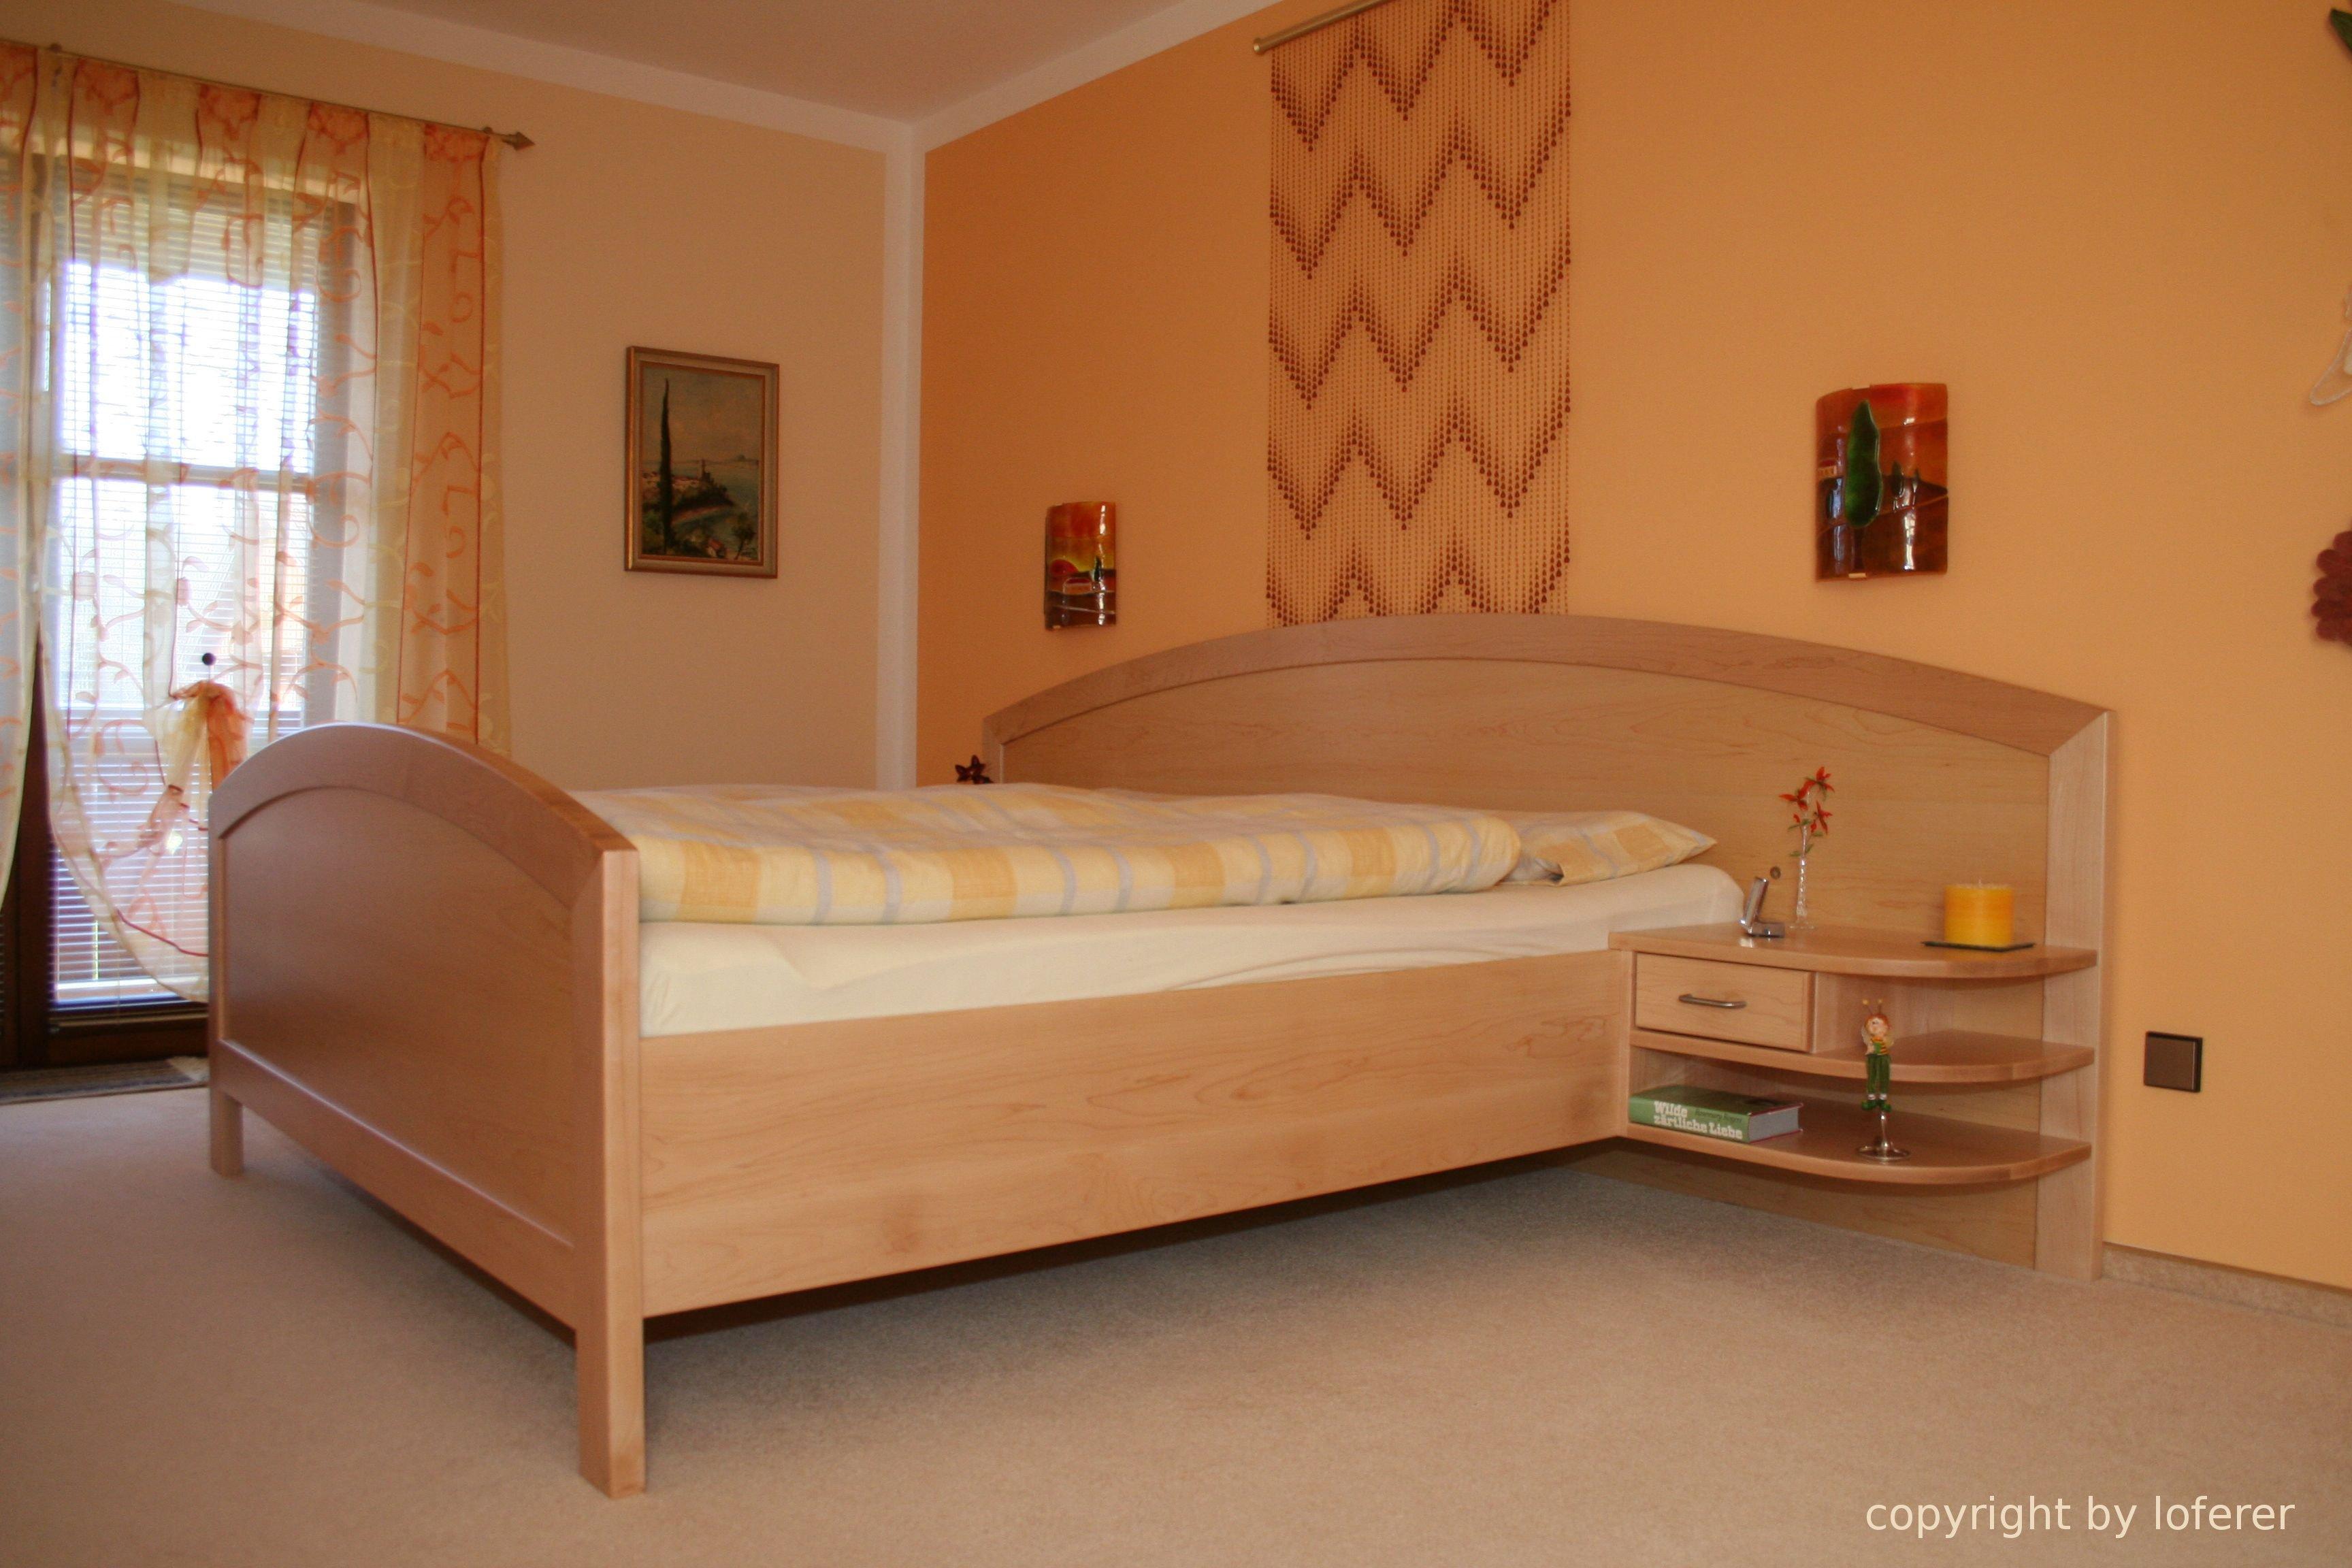 betten loferer gesundes wohnen und schlafen. Black Bedroom Furniture Sets. Home Design Ideas